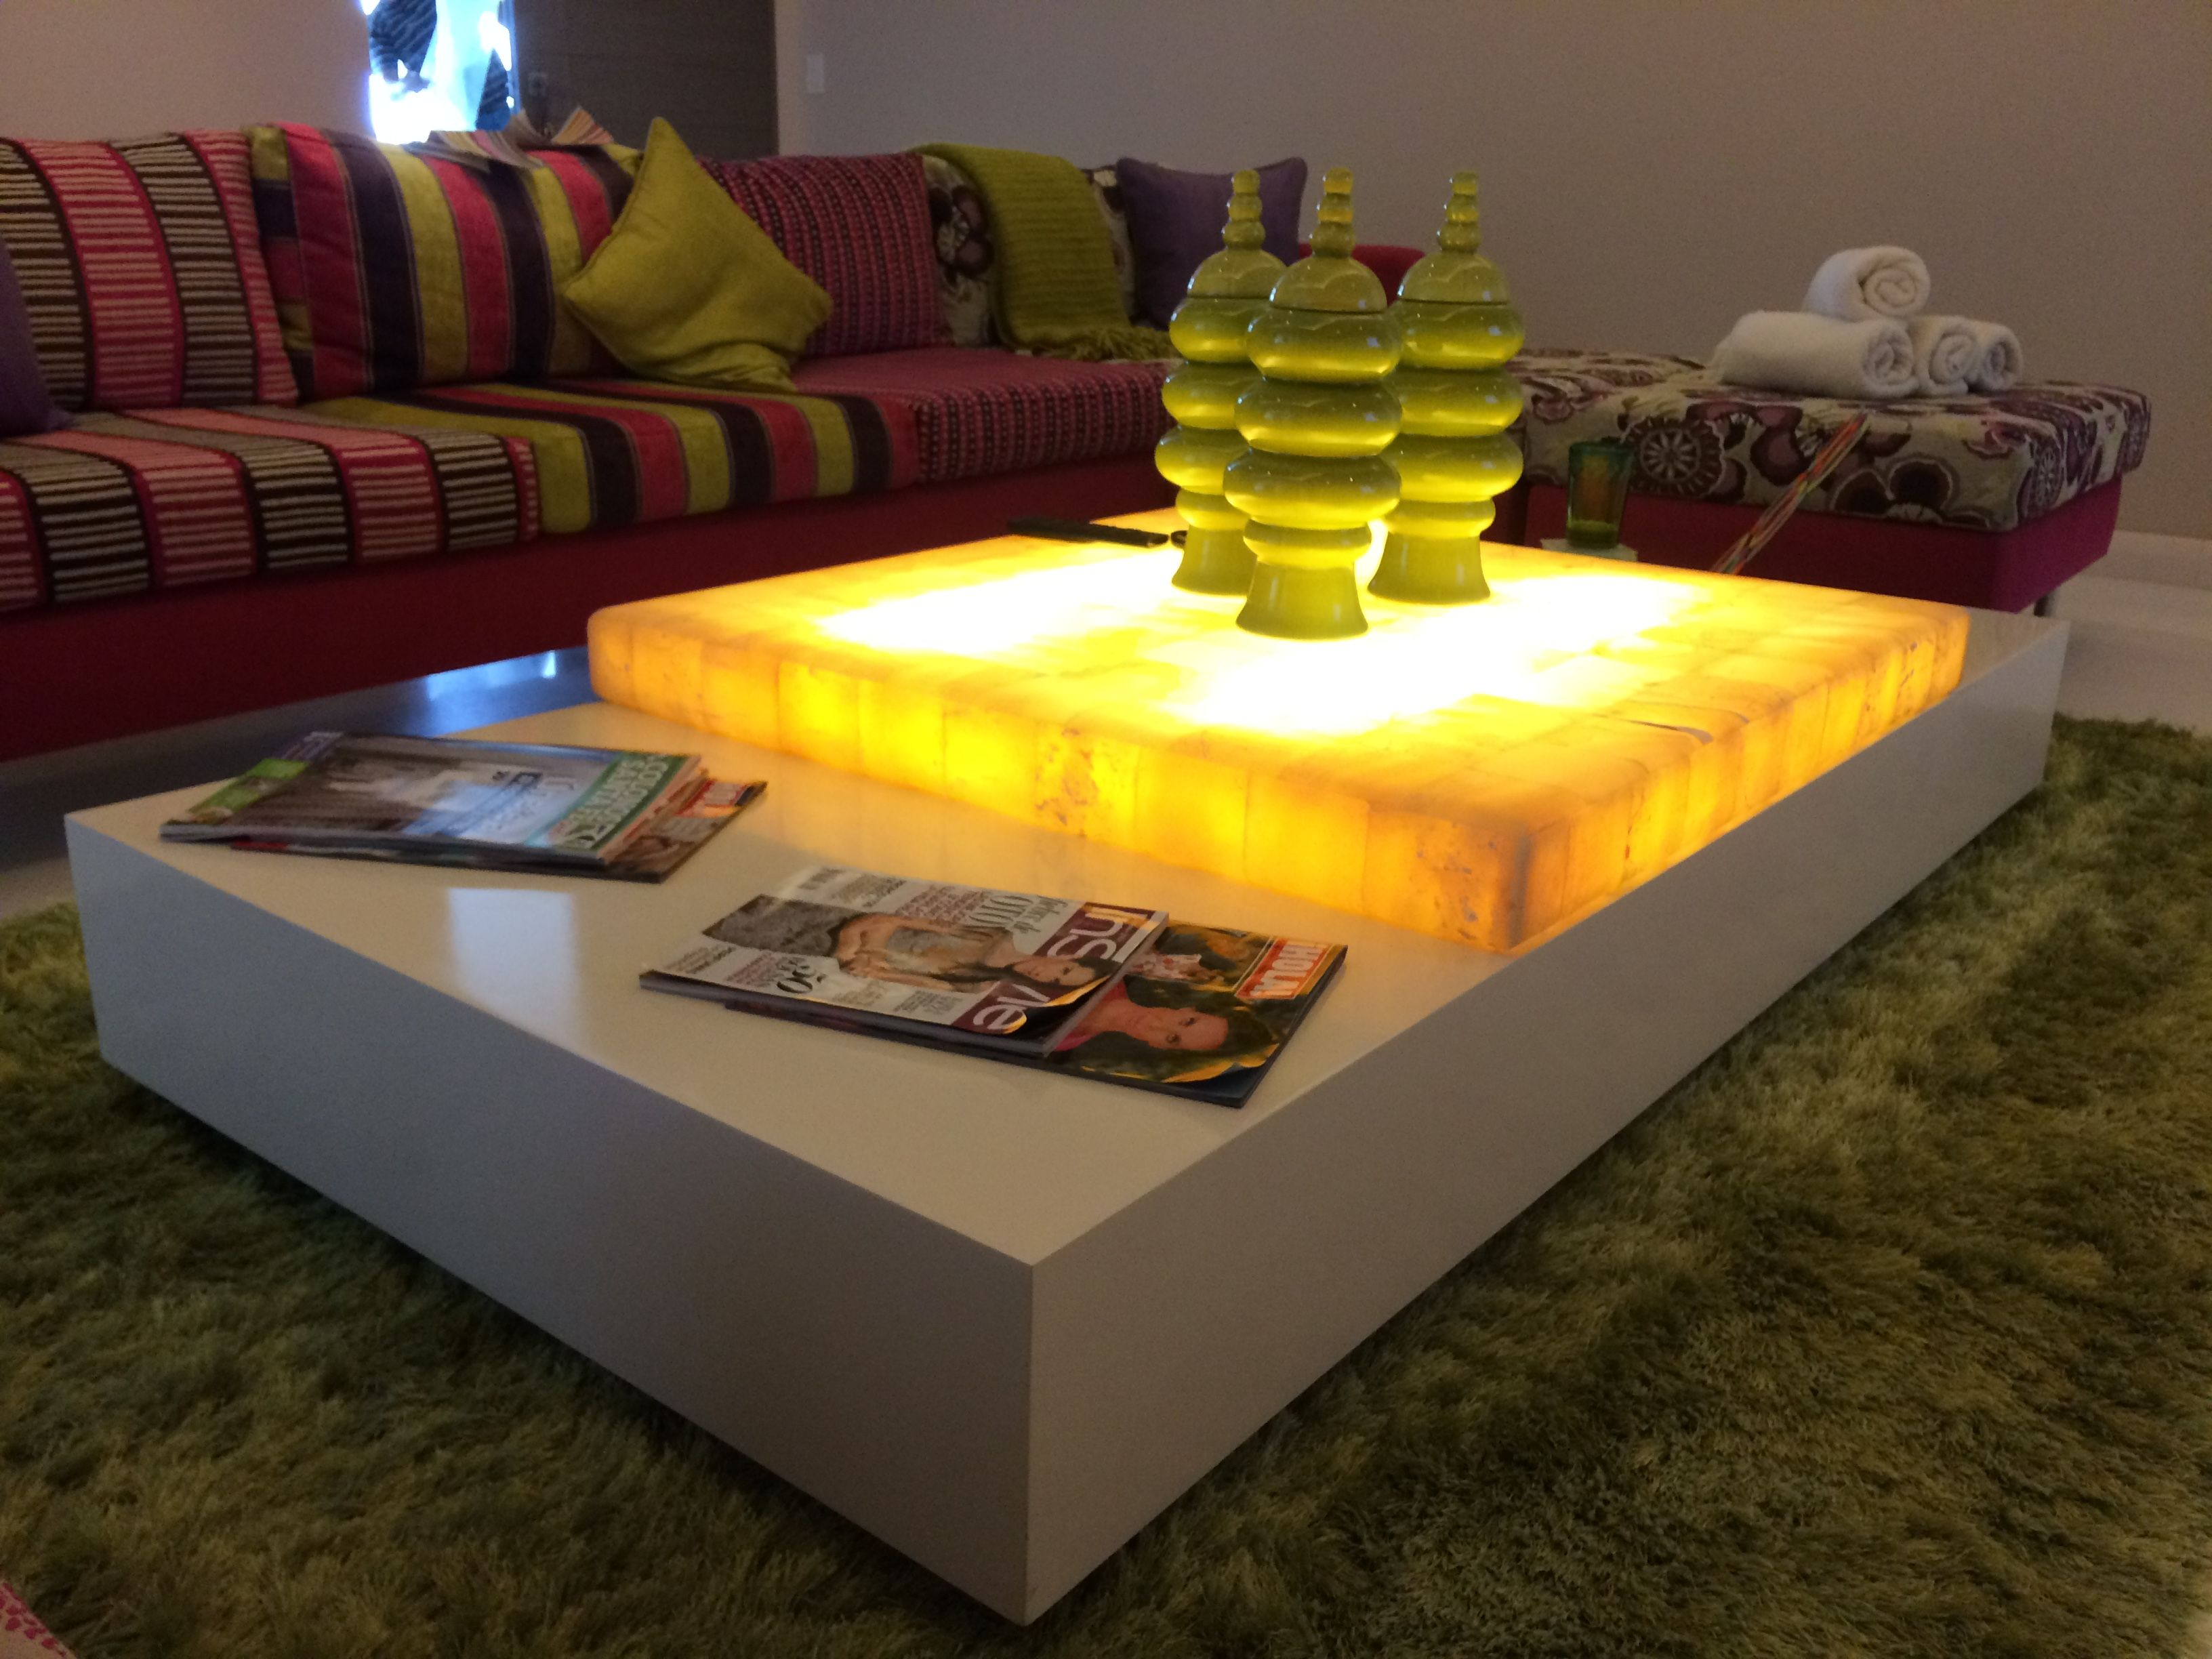 Mesa De Centro Con Cubierta De Onix E Iluminacion Indirecta  # Muebles Gaudi Guadalajara